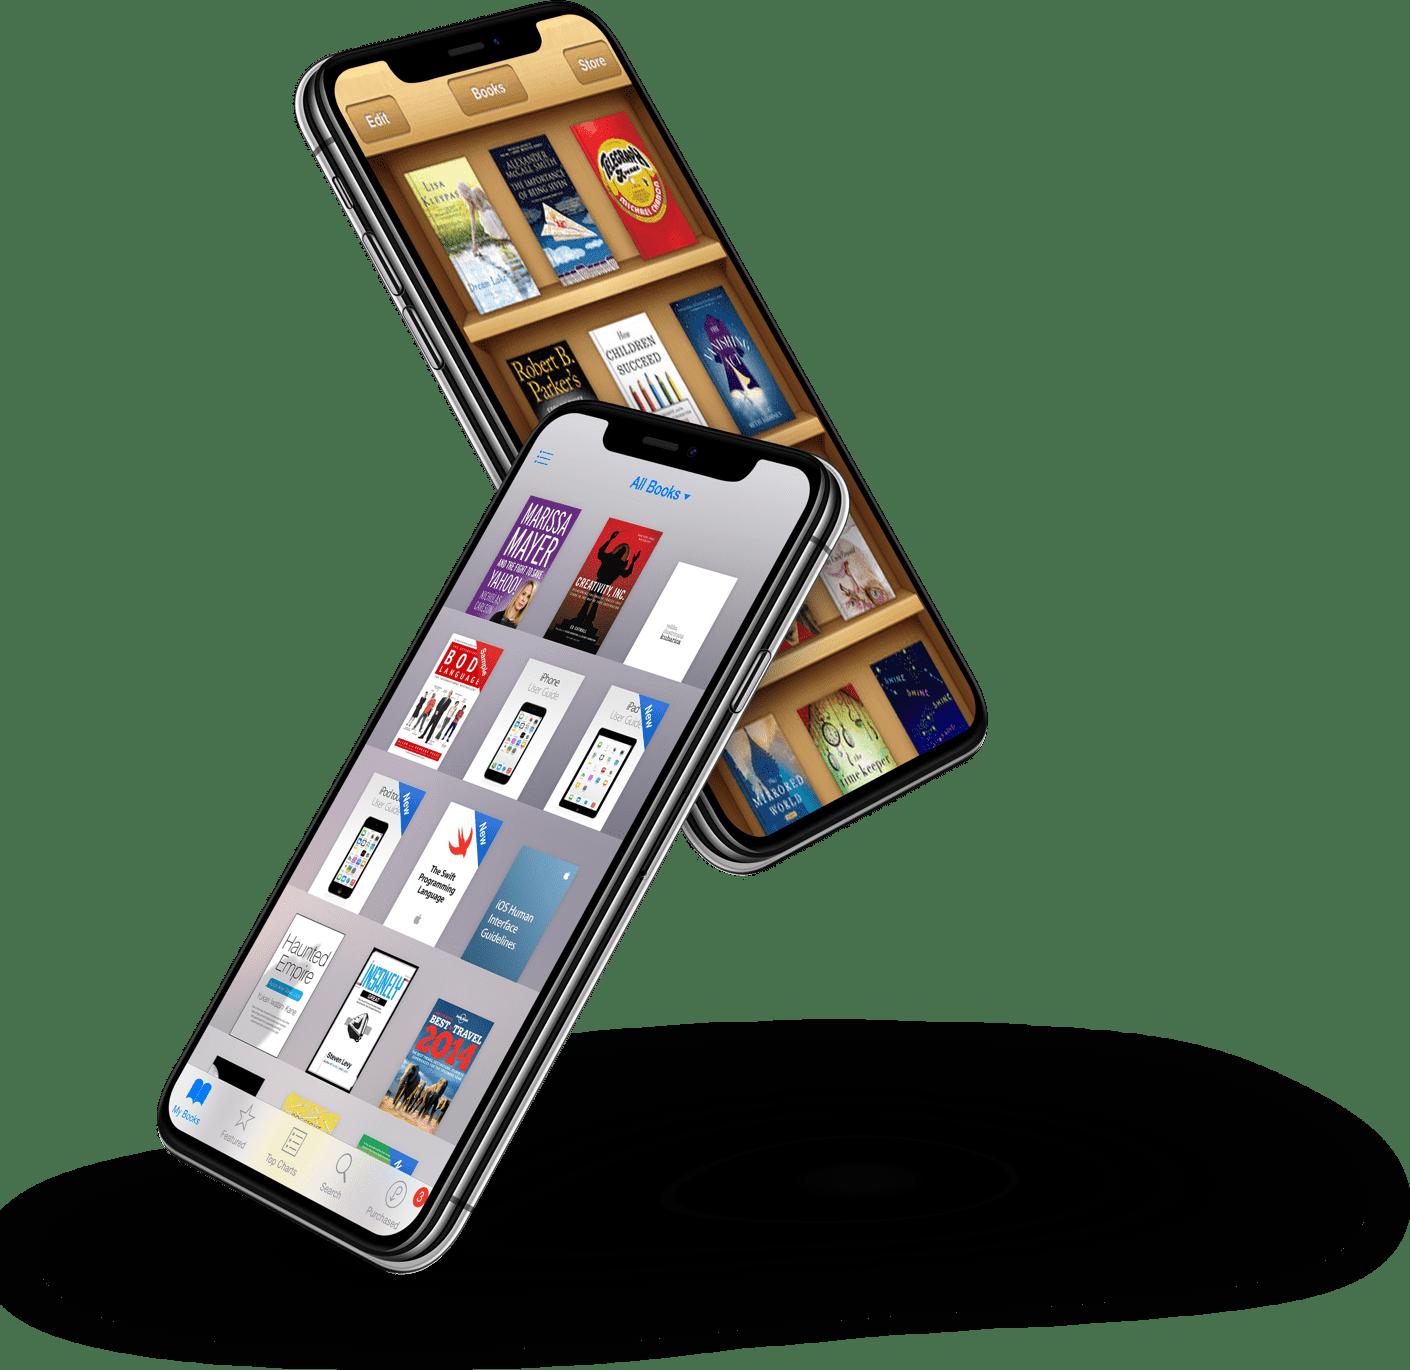 Zwei Designs einer App auf dem Smartphone